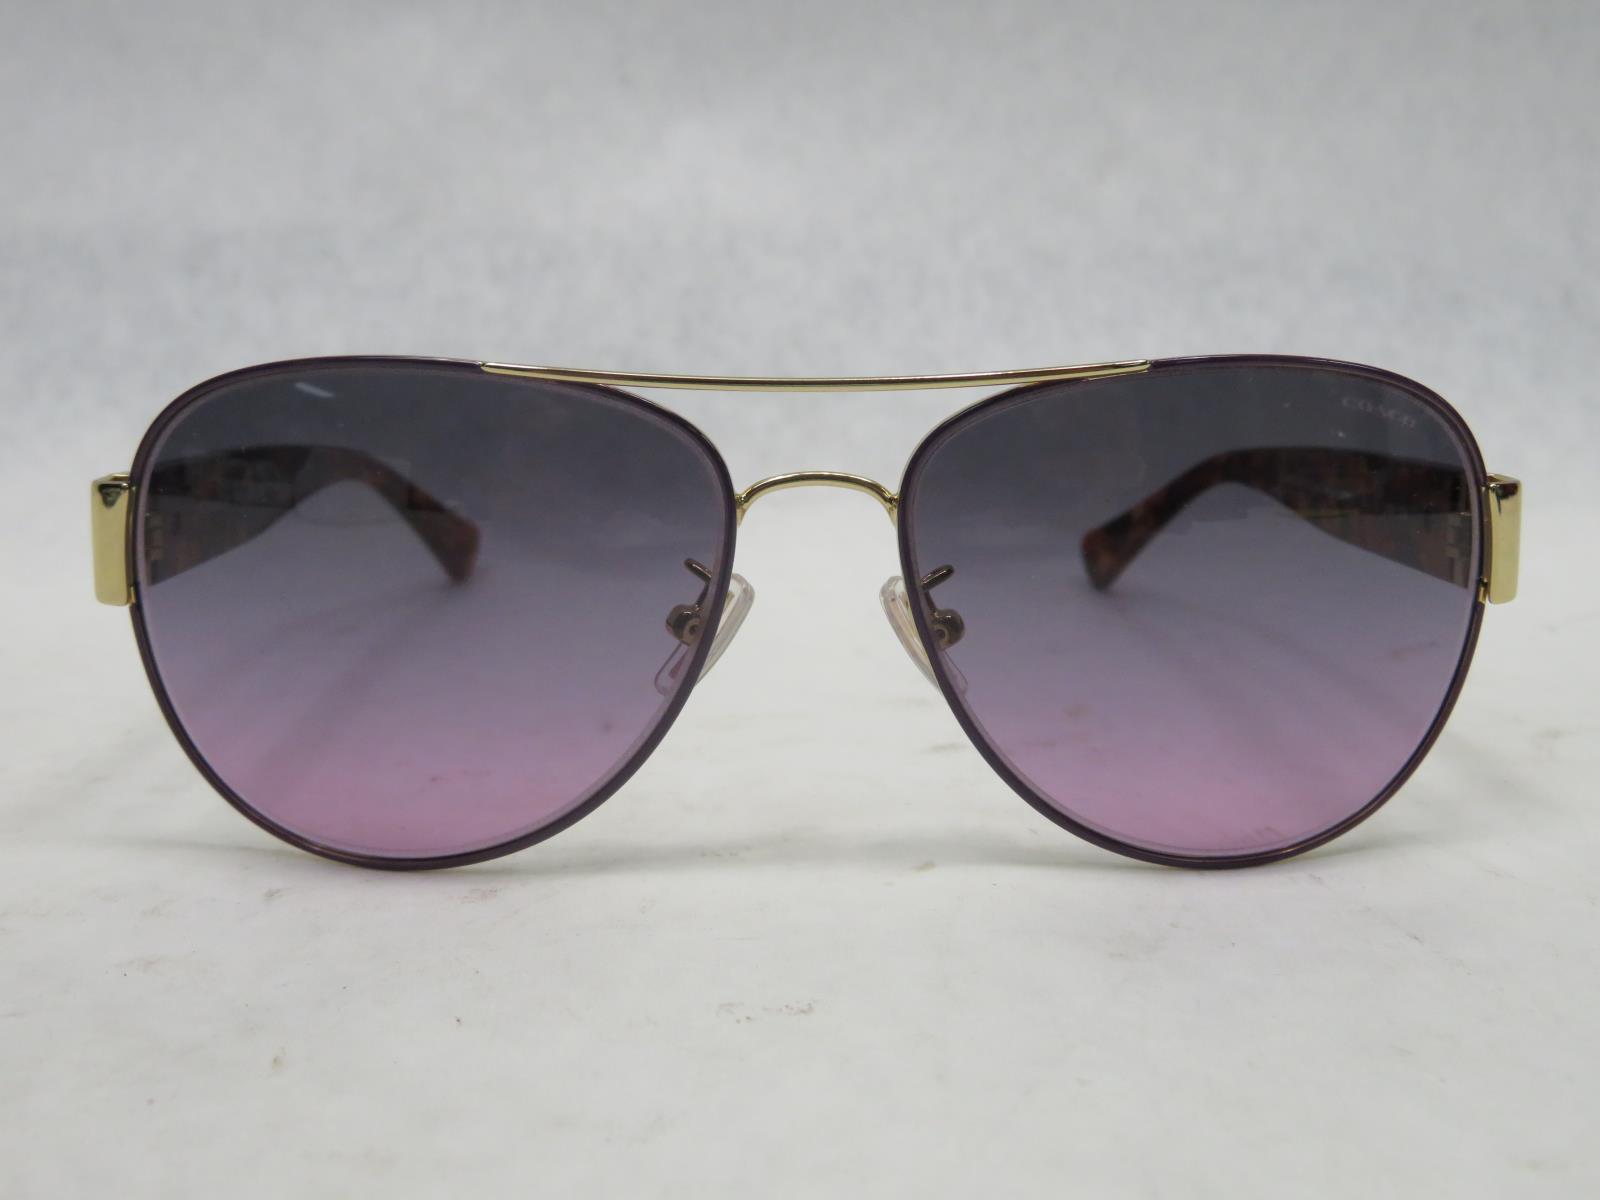 e2f43518b1 COACH Sunglasses HC7059 L138 924890 Gold Purple Purple Confetti 5 ...